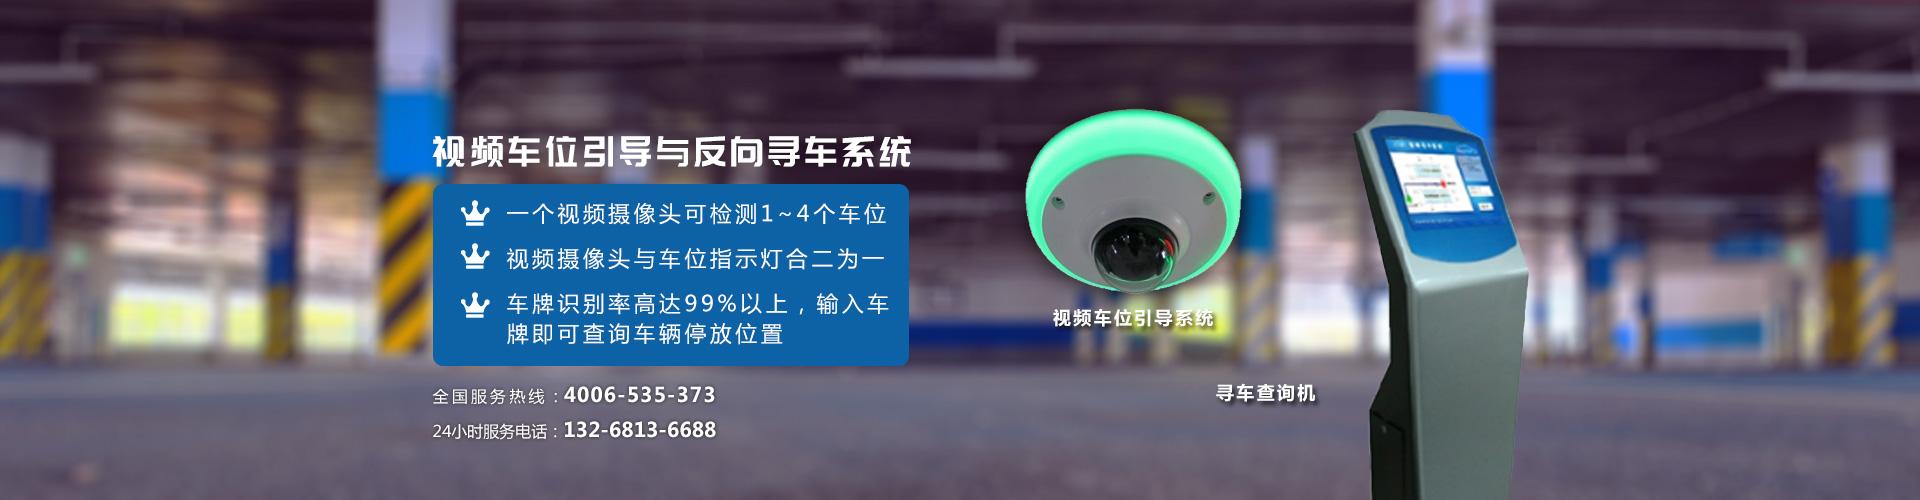 广州停车管理系统